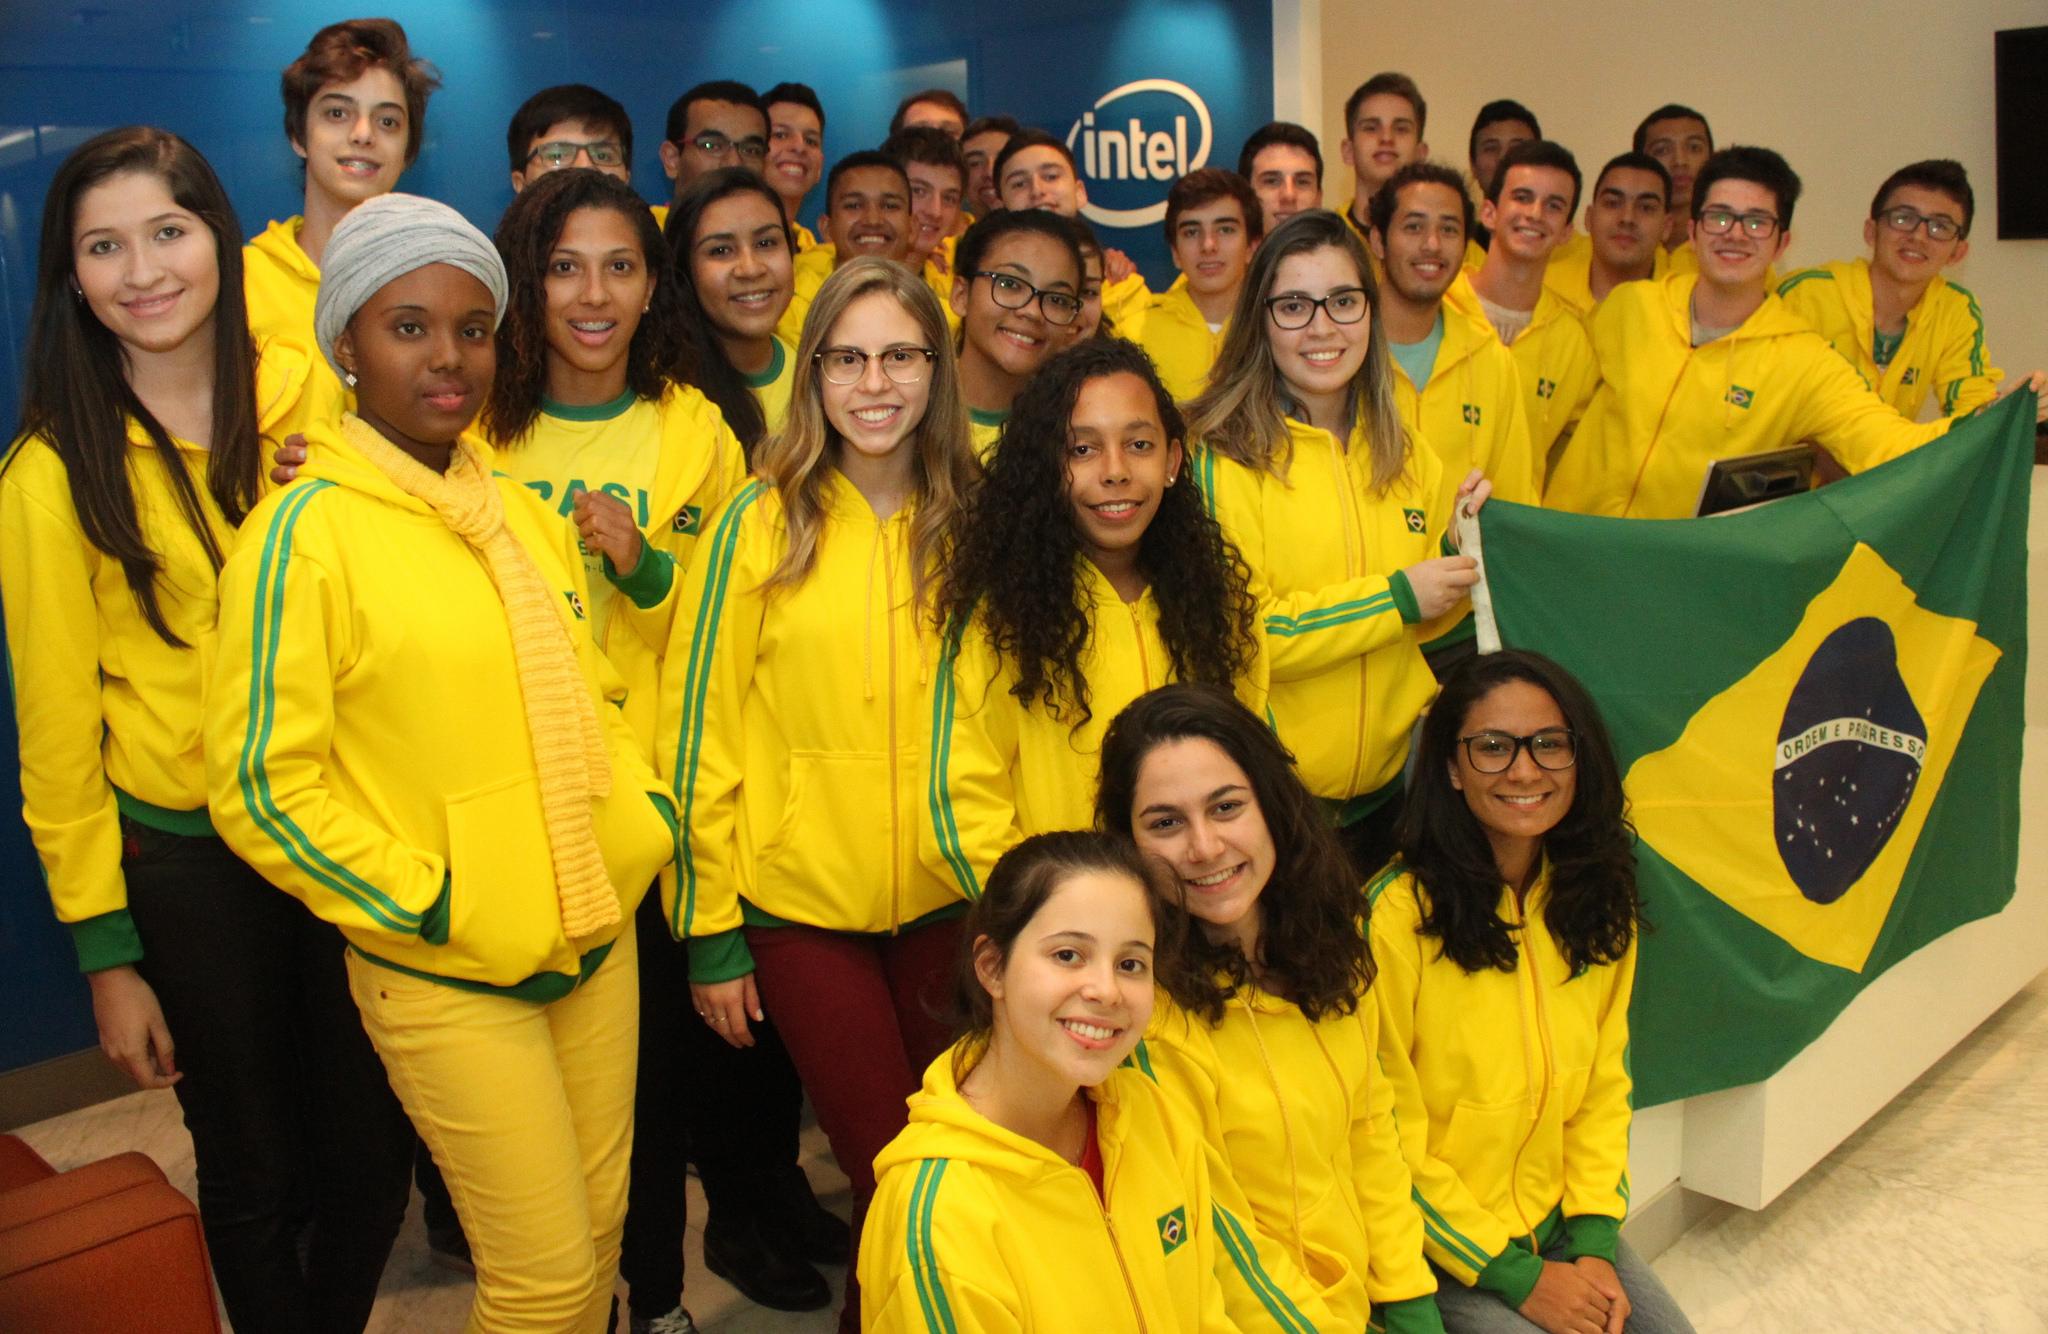 BRASILEIROS NA MAIORI FEIRA DE CIÊNCIAS DO MUNDO